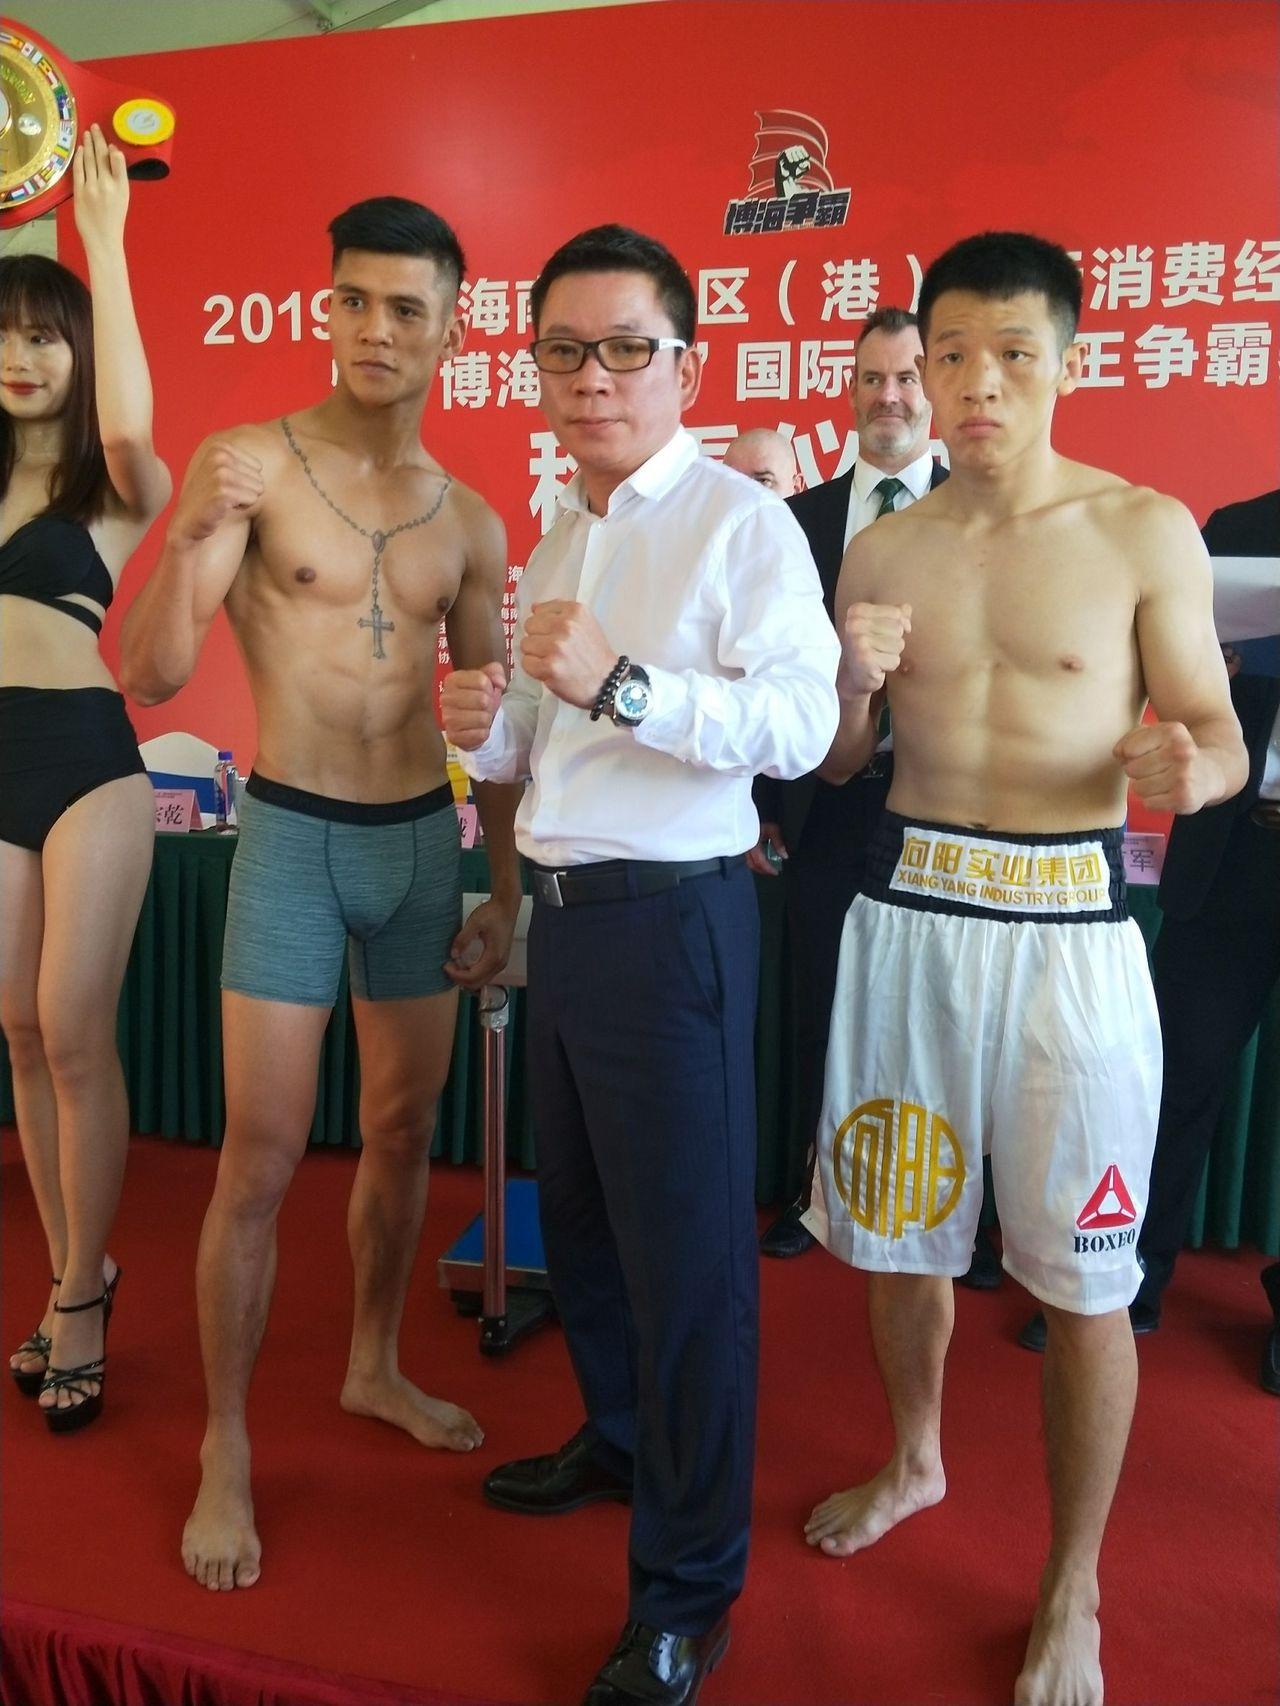 屏東排灣族青年宋維傑(左)在台灣職業拳擊協會總顧問錢保誠(中)等人的力挺申訴下扭...